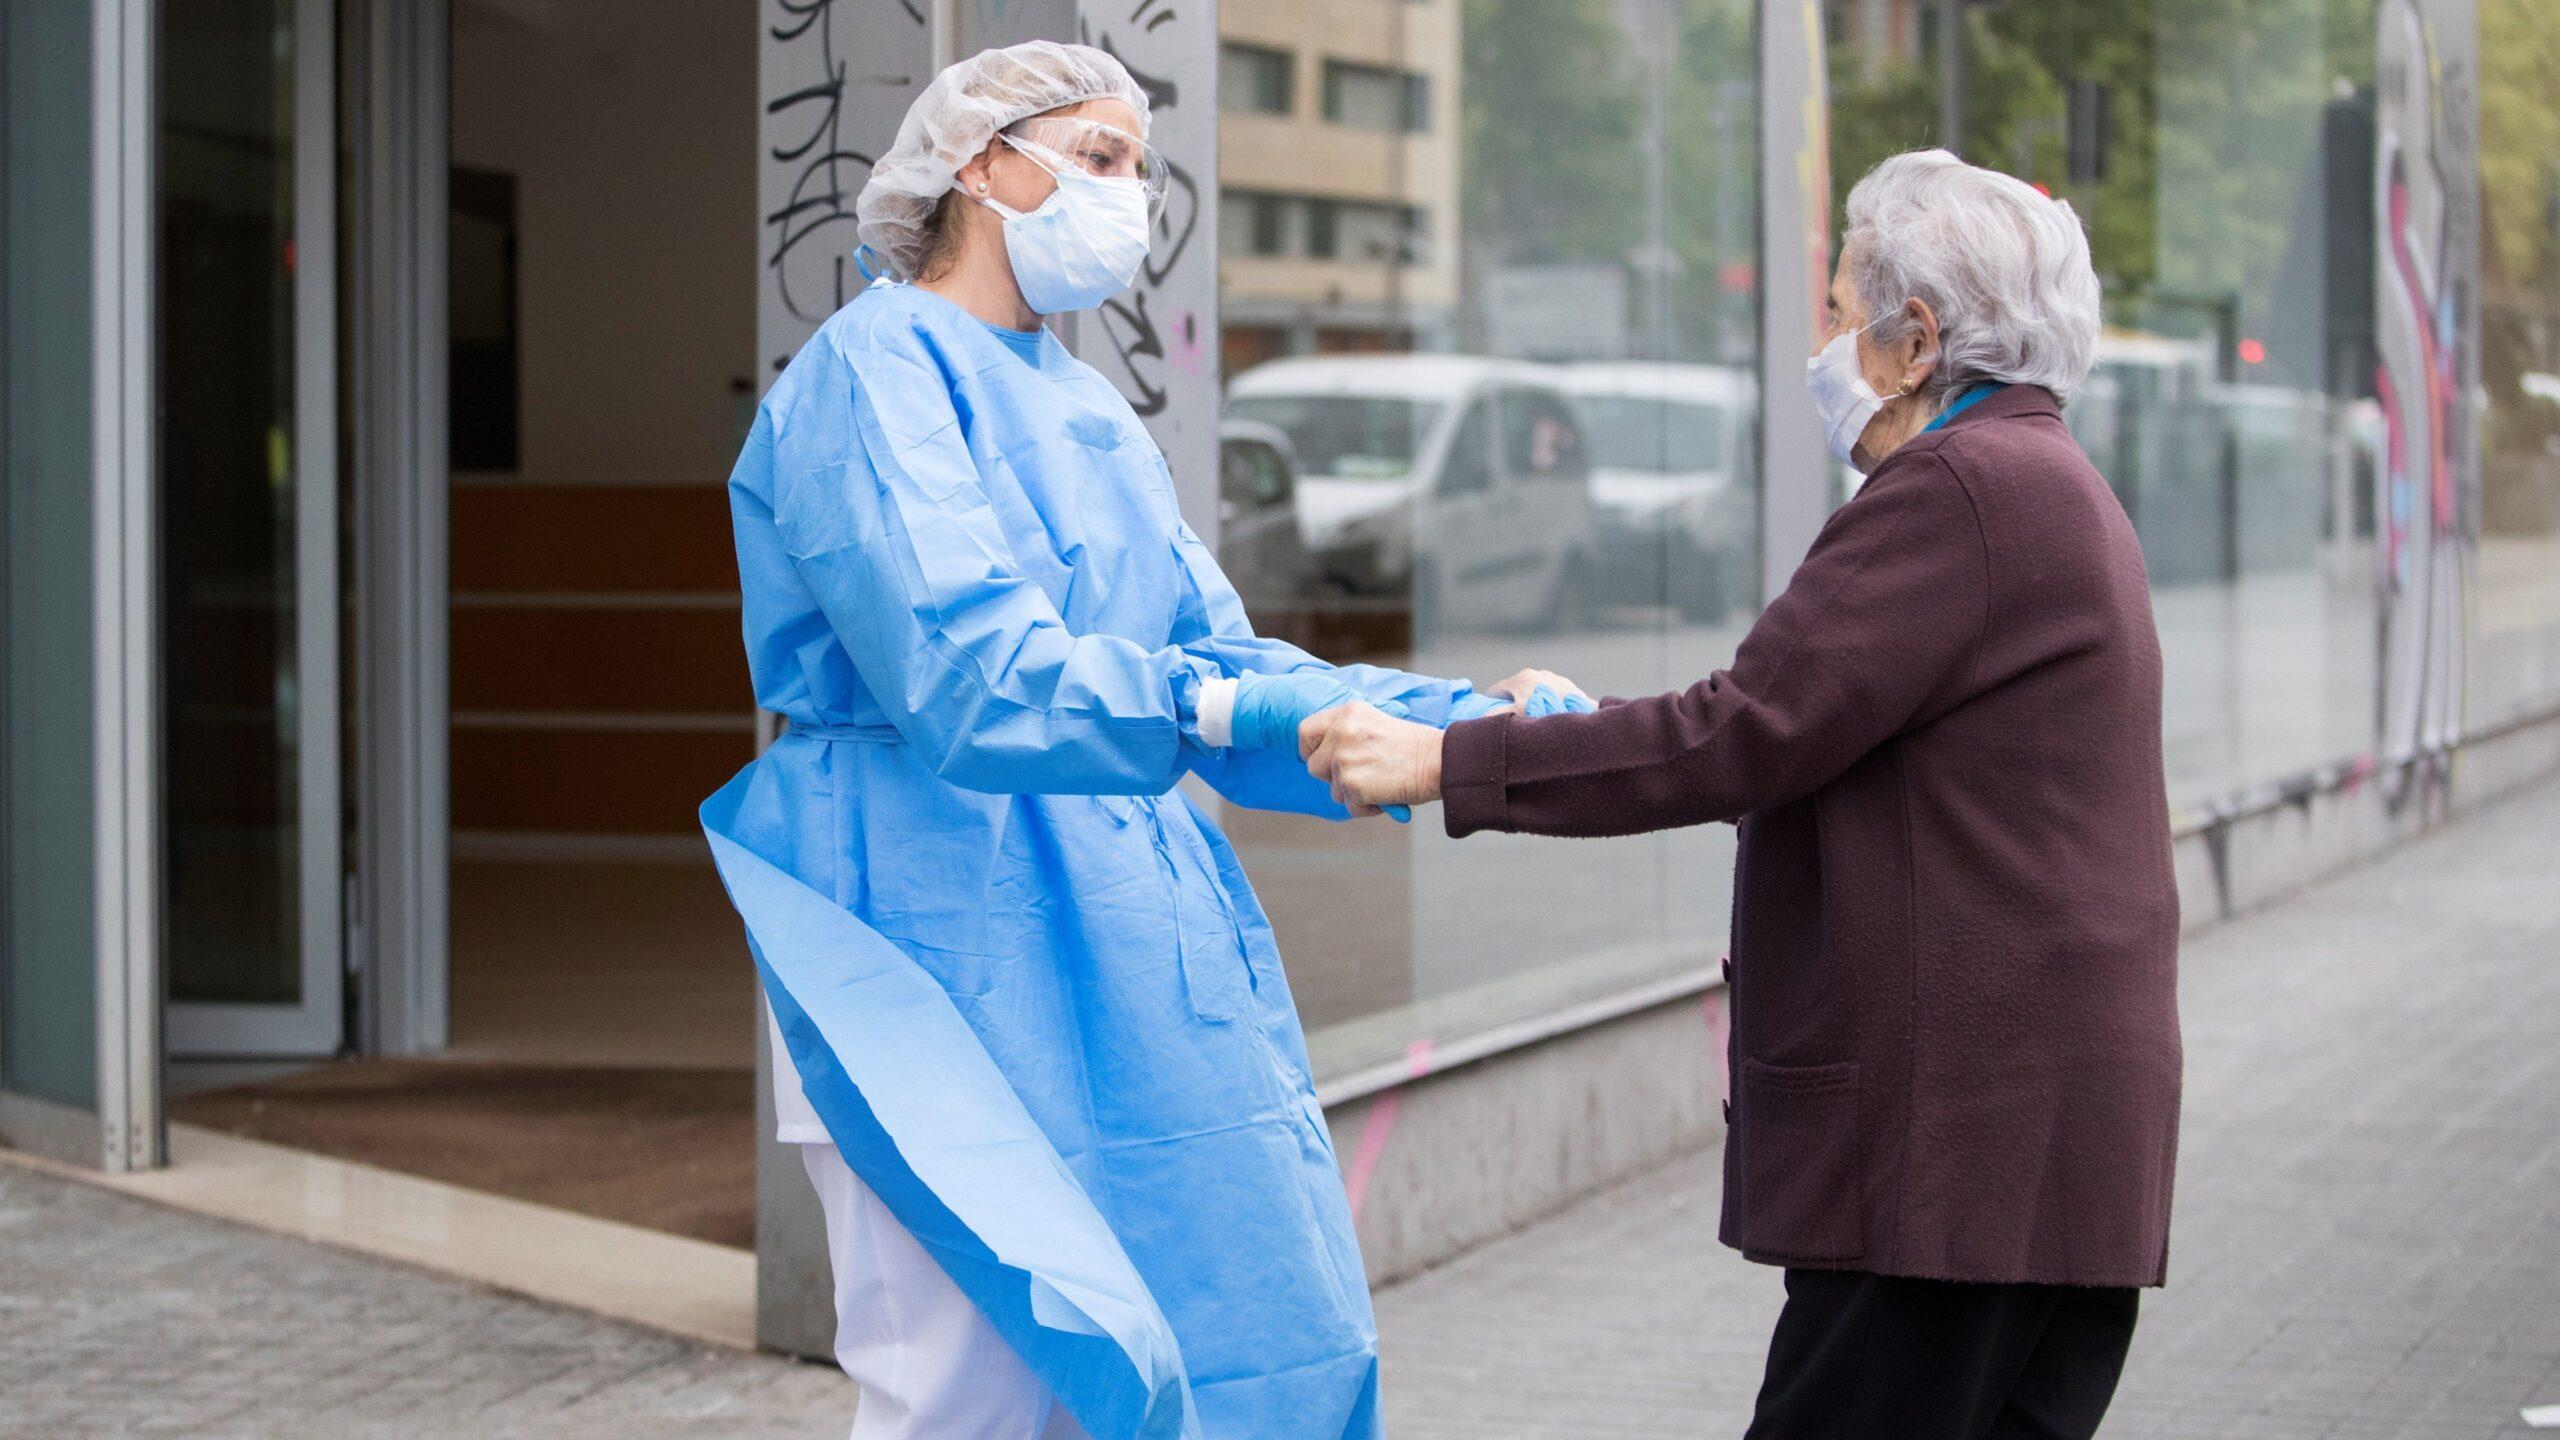 anciano pasea durante pandemia covid